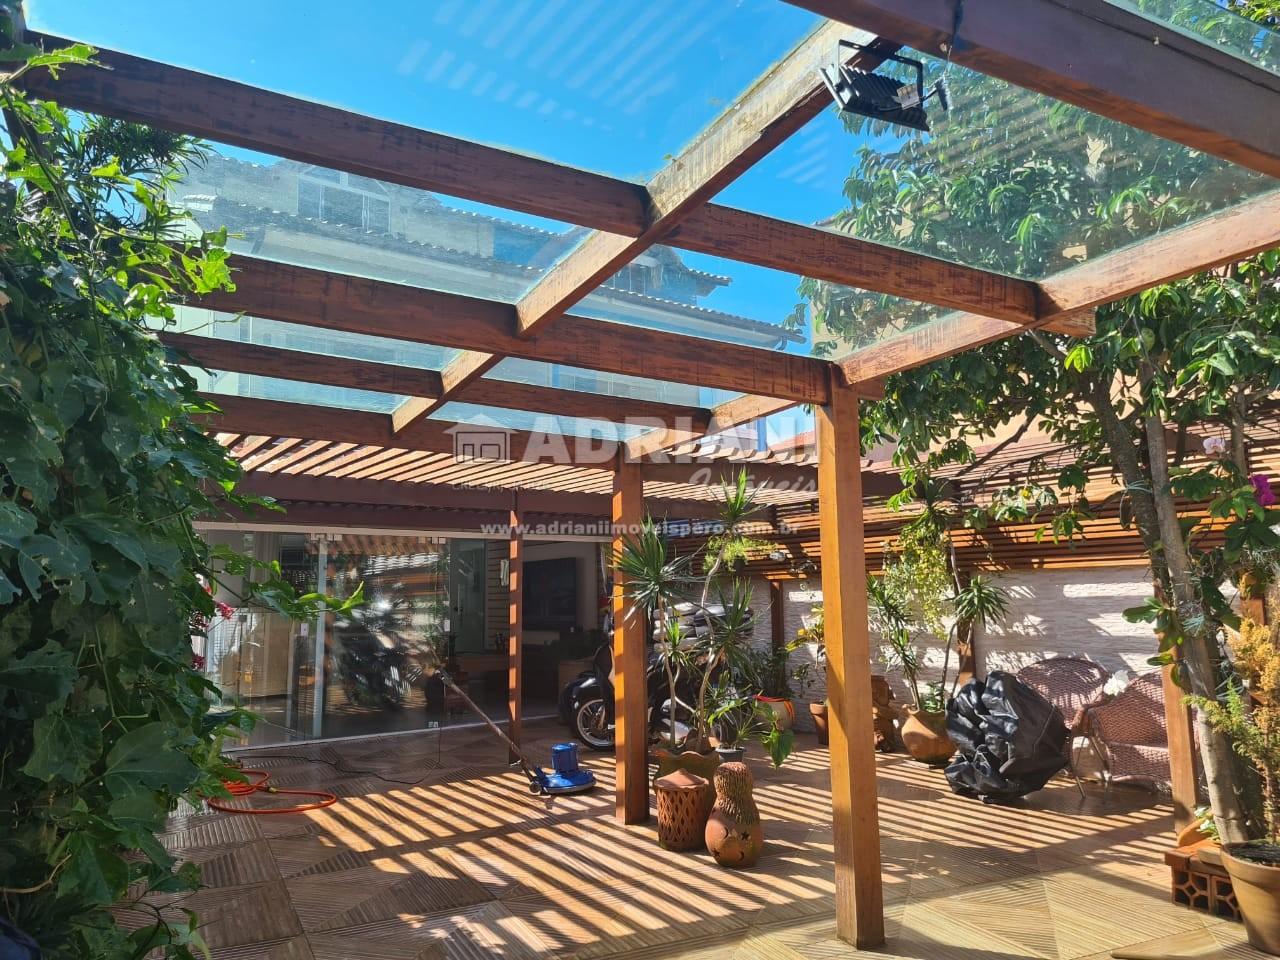 Cód.: 012  Casa independente bem localizada, 4 suítes, Peró, Cabo Frio – RJ